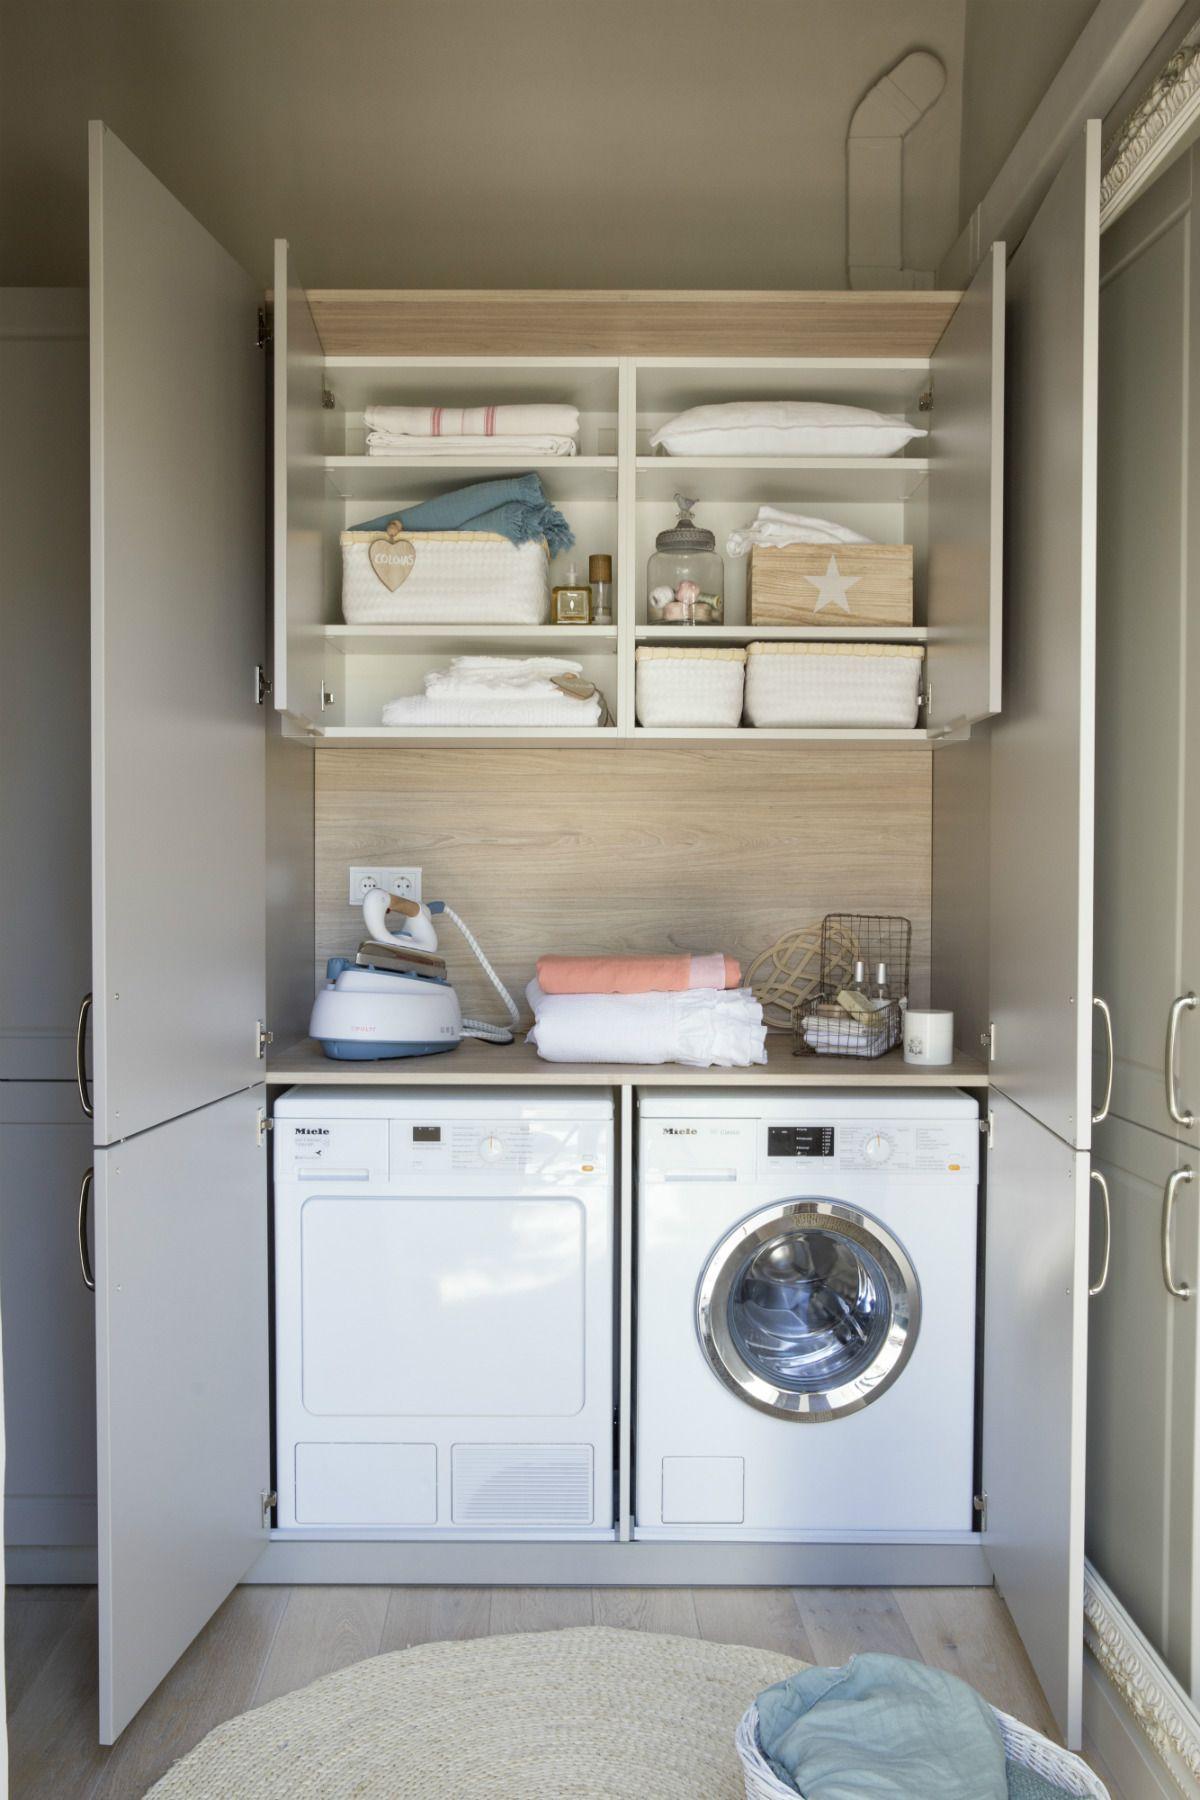 Mi hermosa lavander a en 2019 ba o de lavander a mueble - Mueble para secadora ...